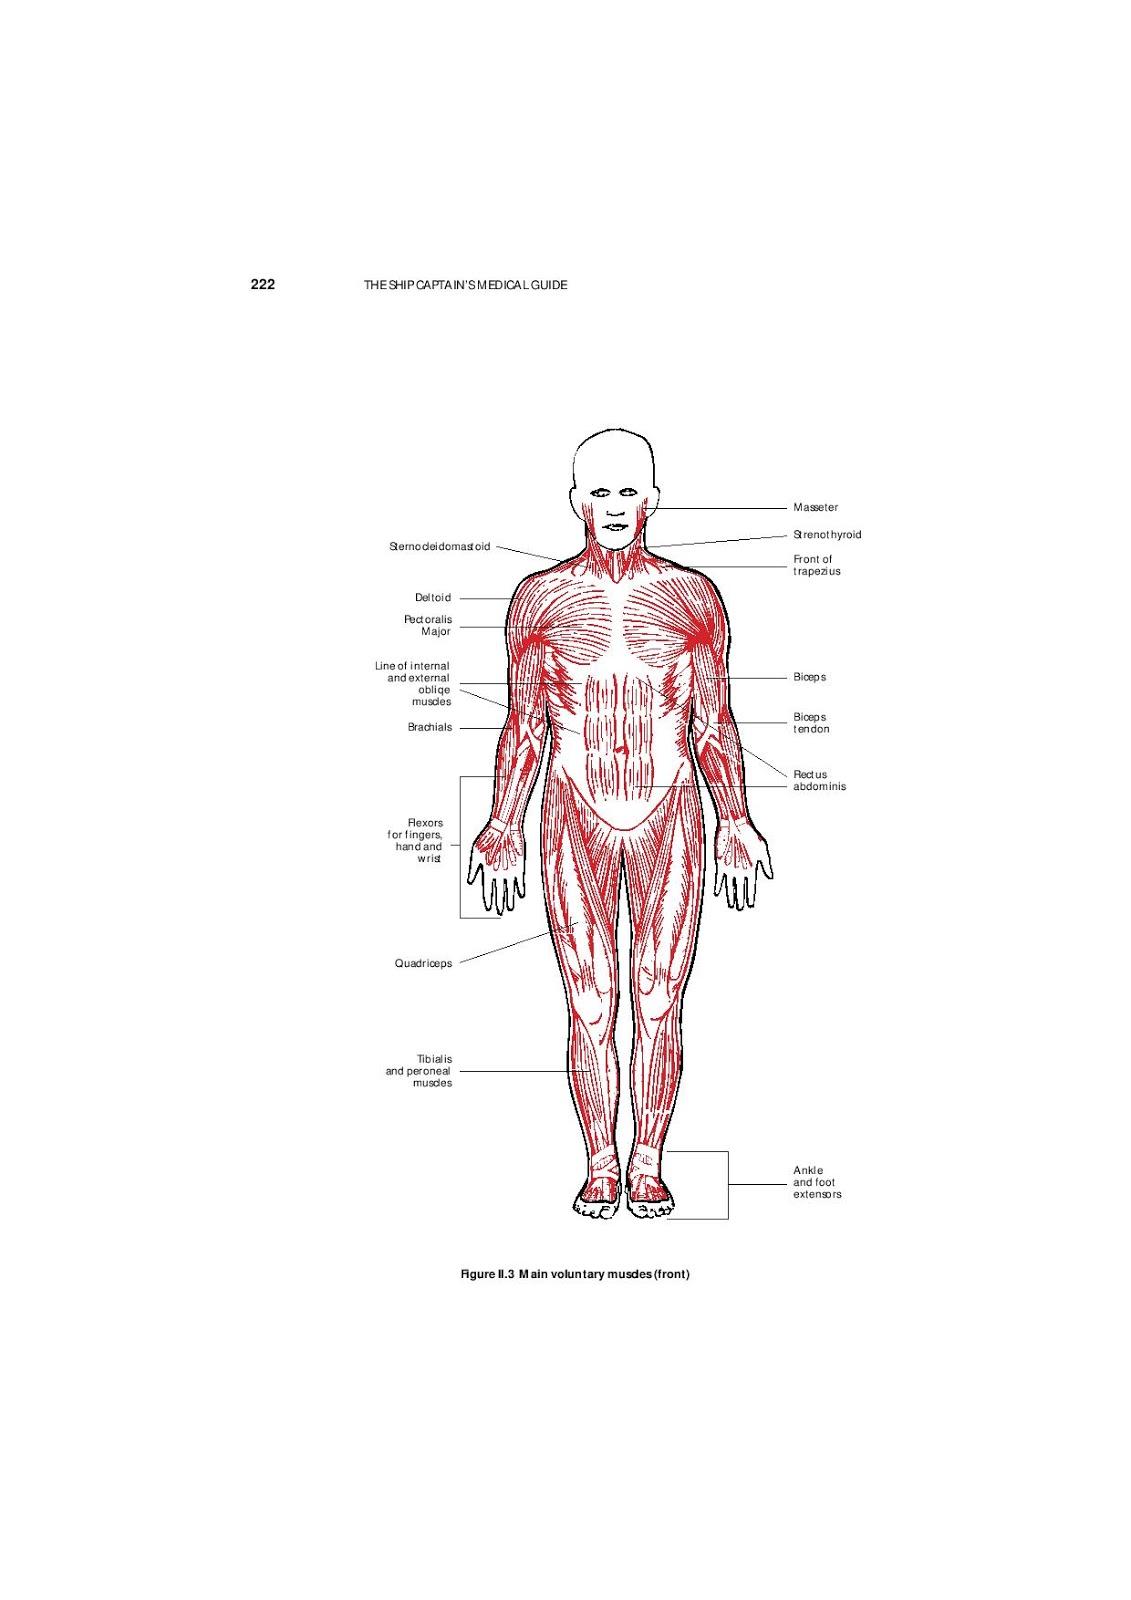 Großzügig Bicipital Nut Anatomie Bilder - Menschliche Anatomie ...